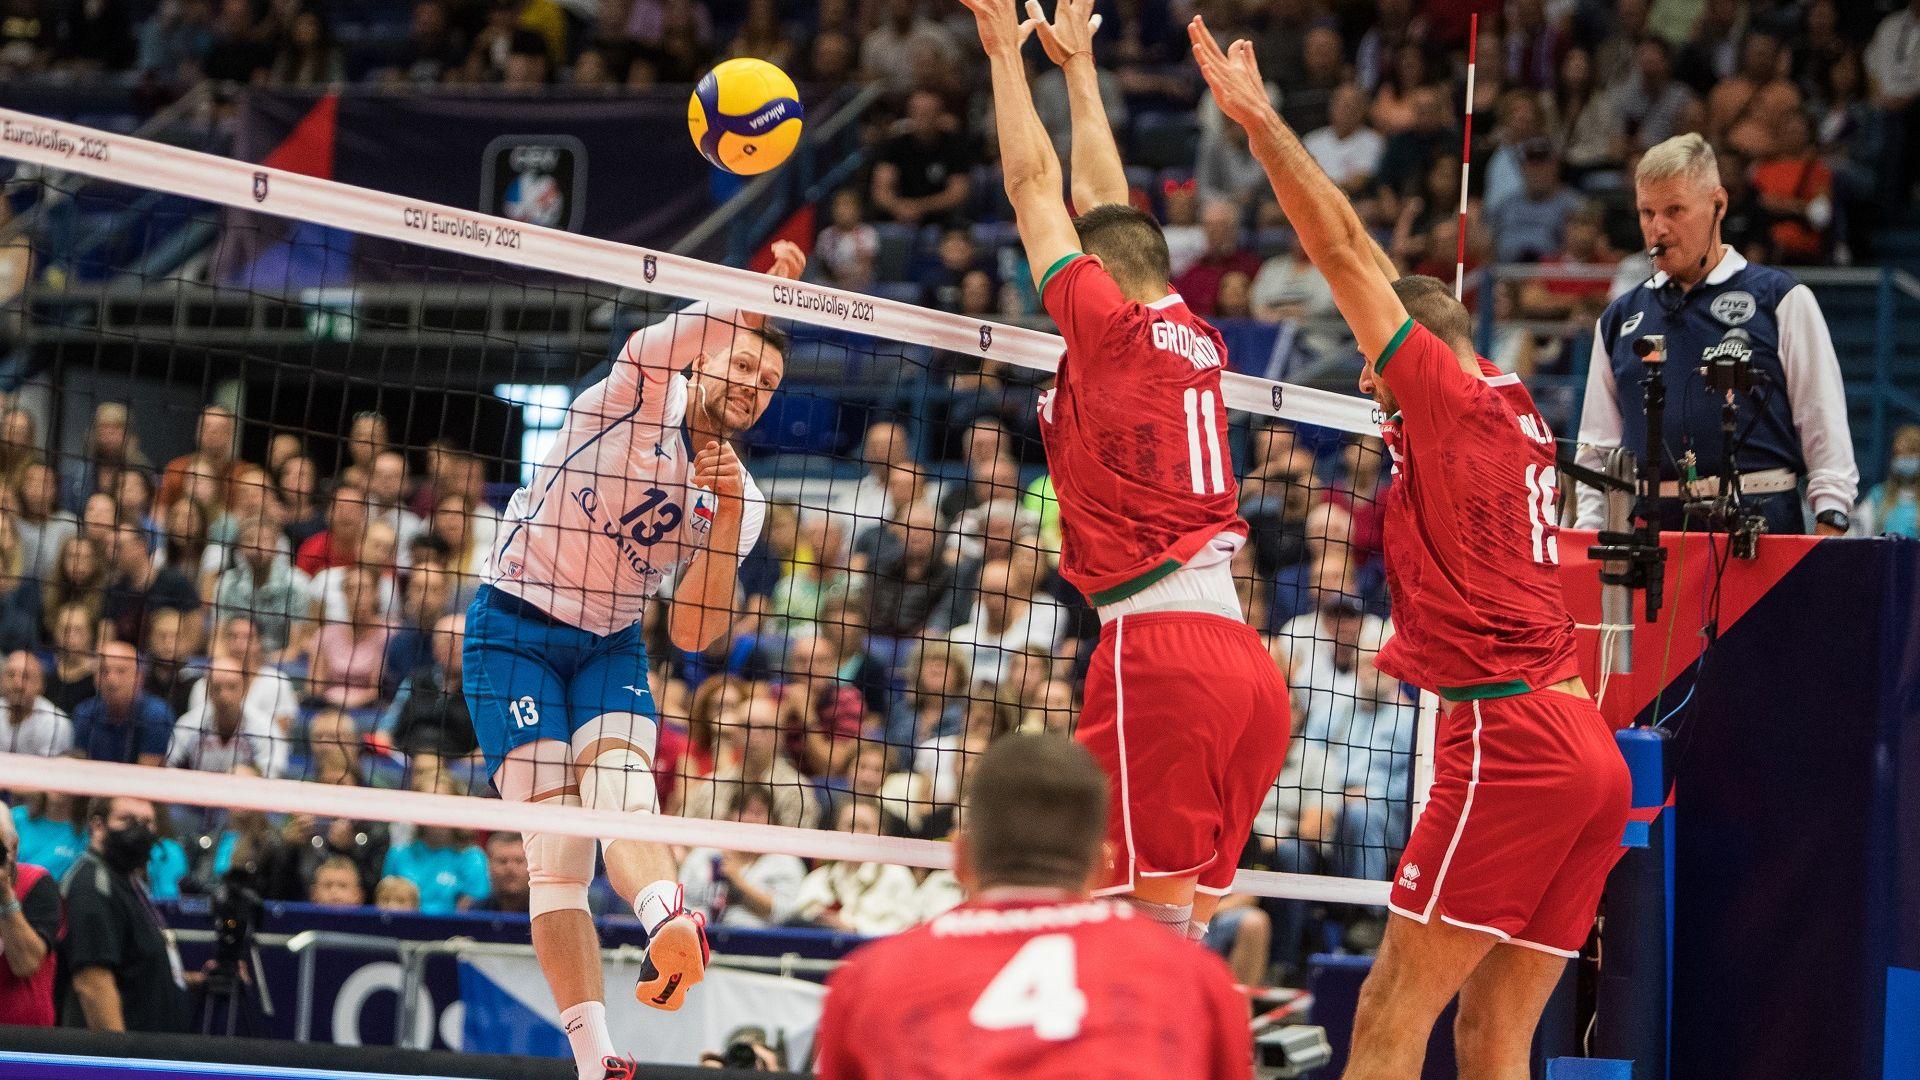 България срази Чехия в страхотна драма на Евроволей